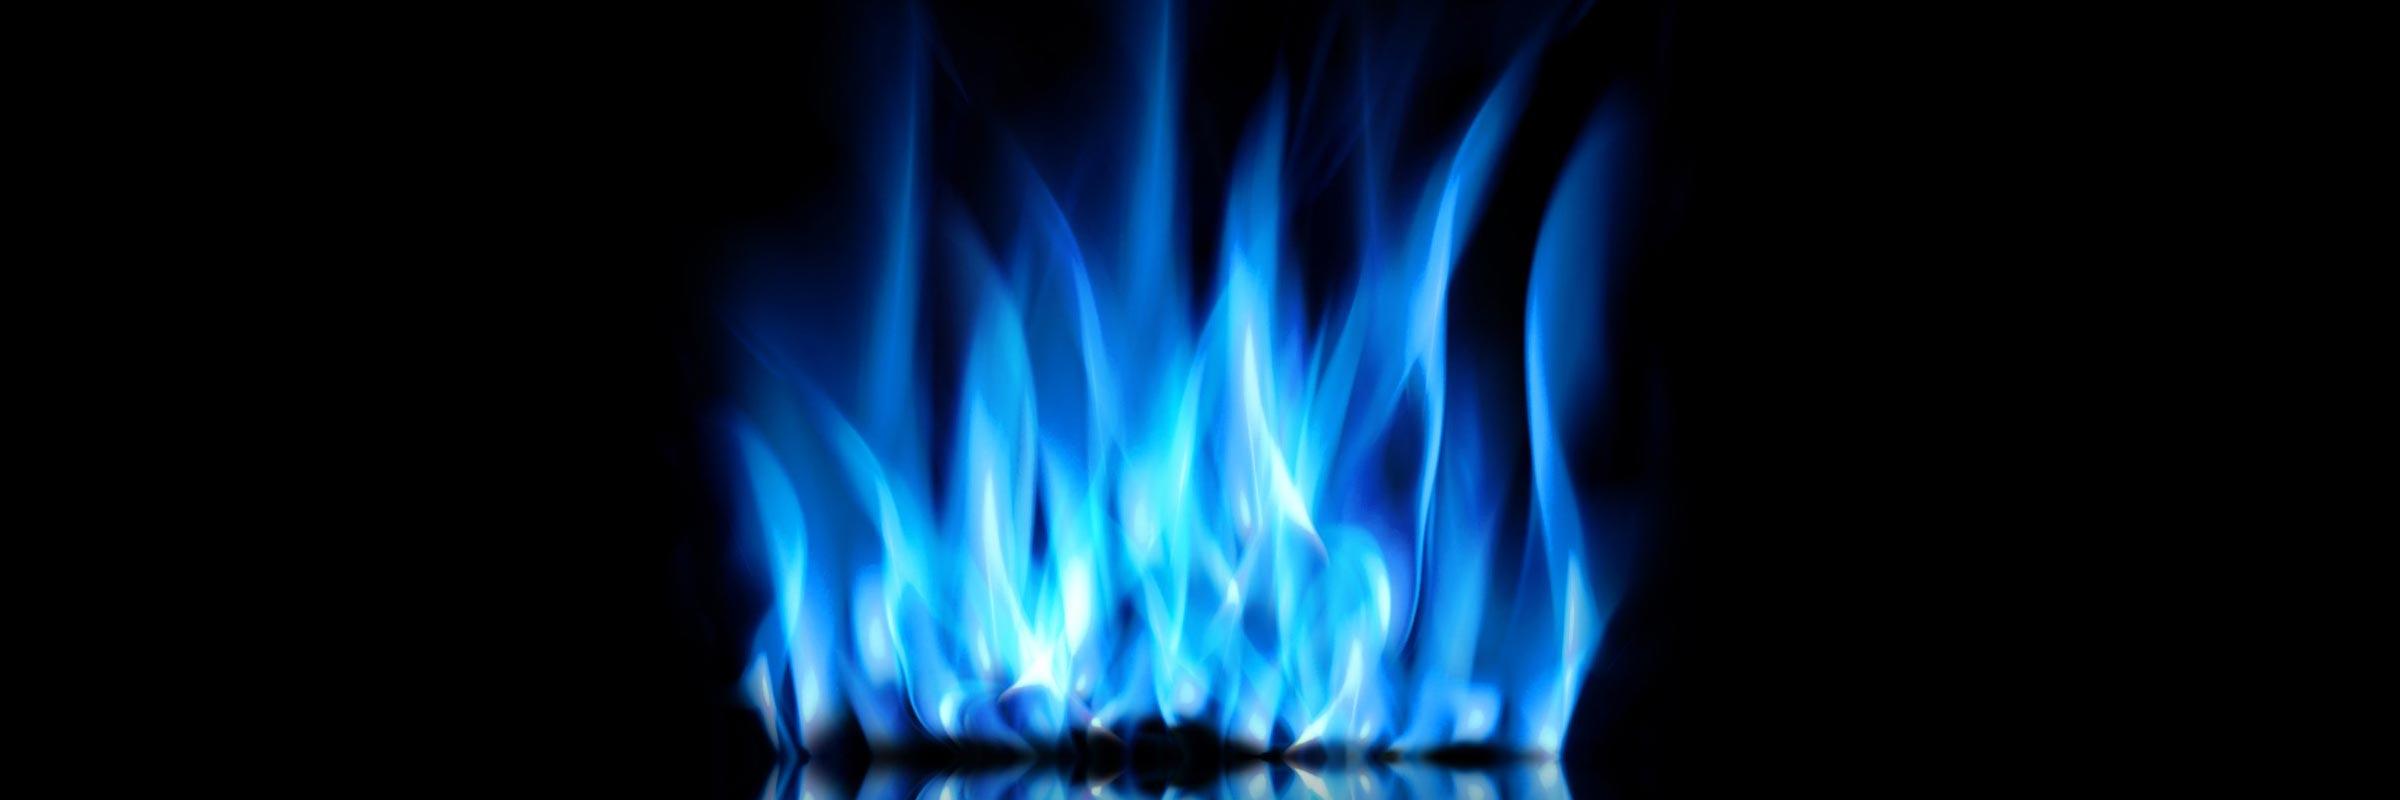 Prüfung von Gasanlagen